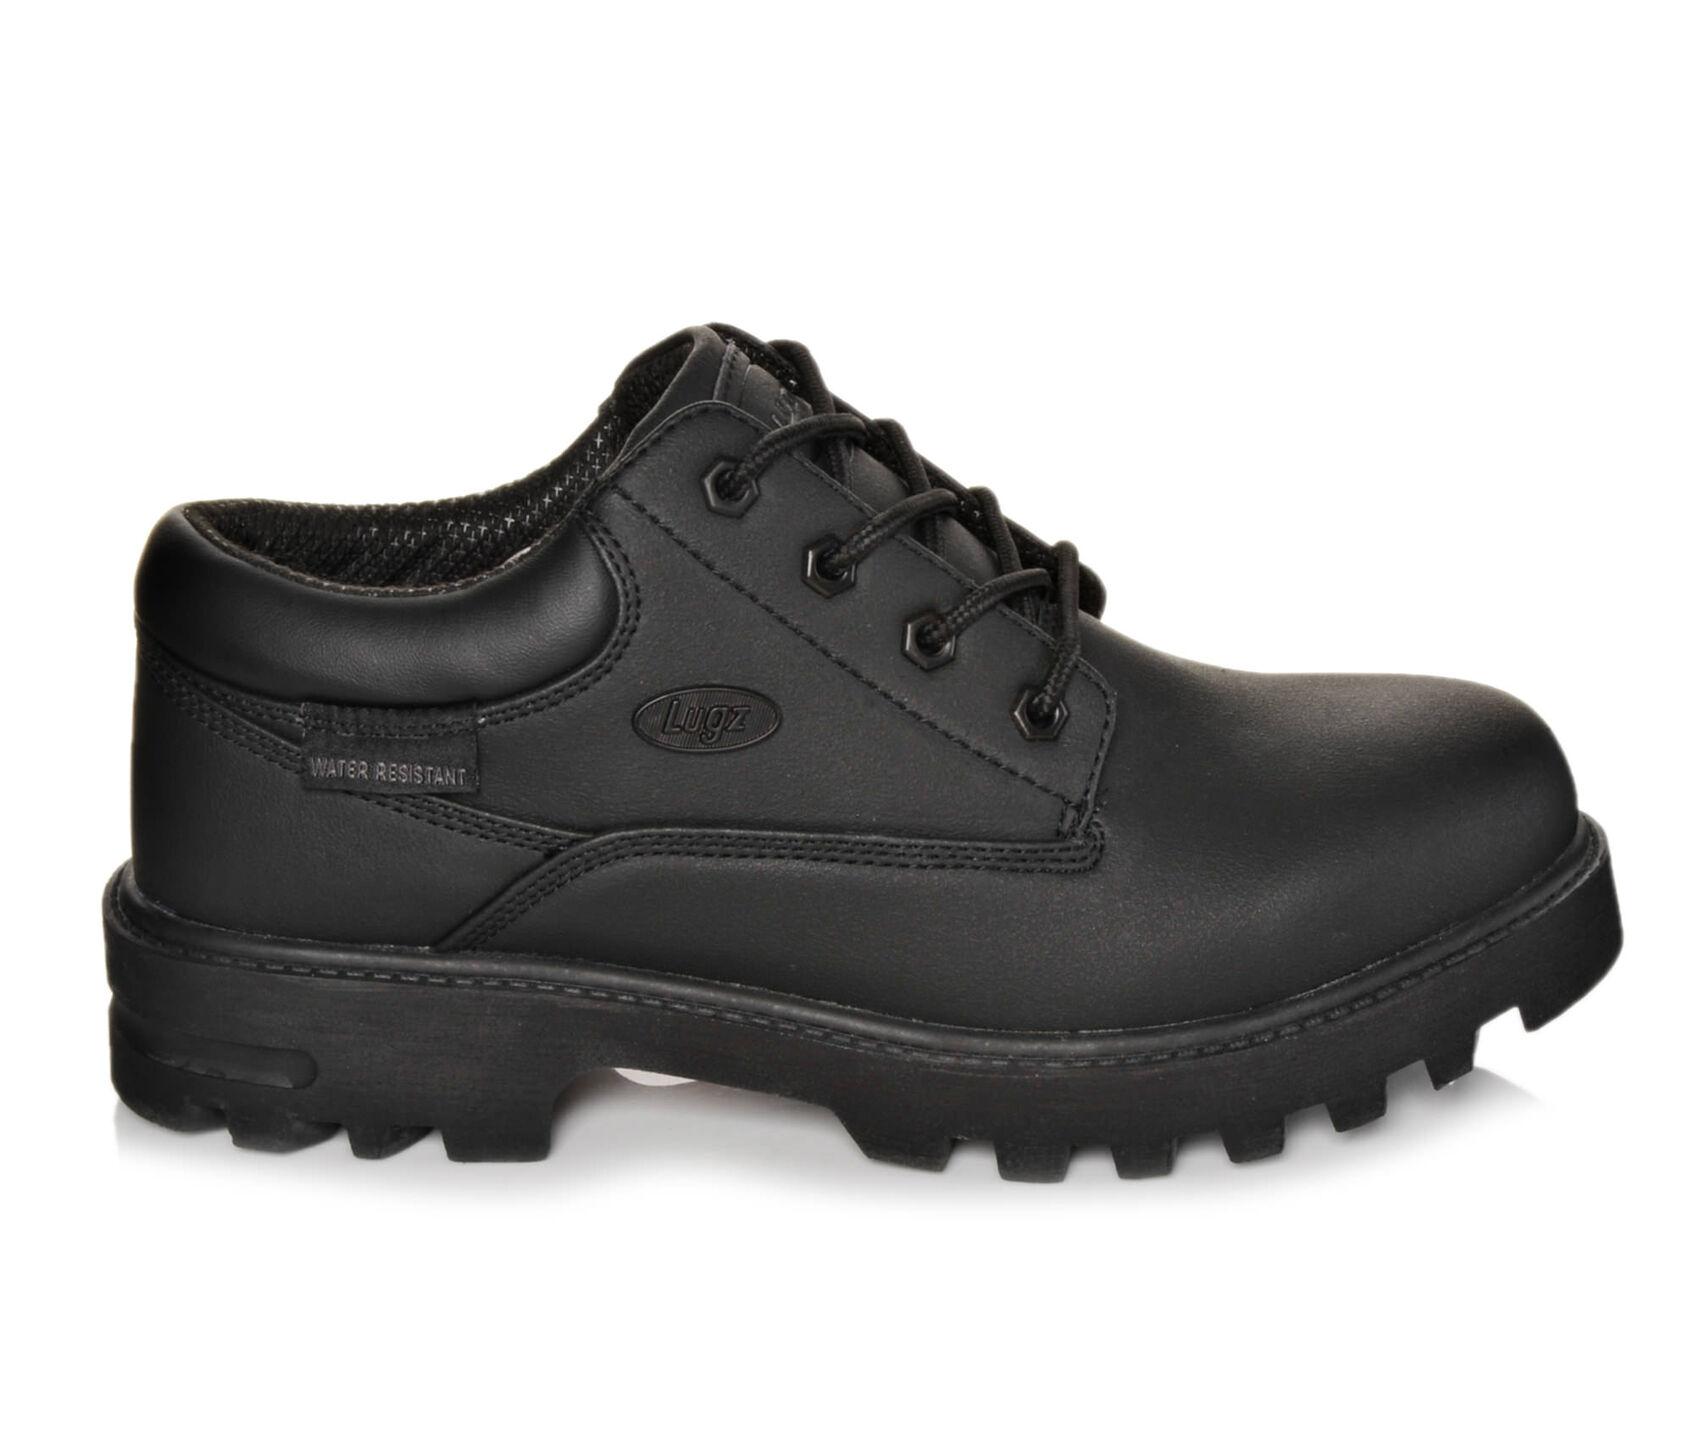 online store 9911a be617 Men s Lugz Empire Lo Slip Resistant Slip-Resistant Shoes   Shoe Carnival